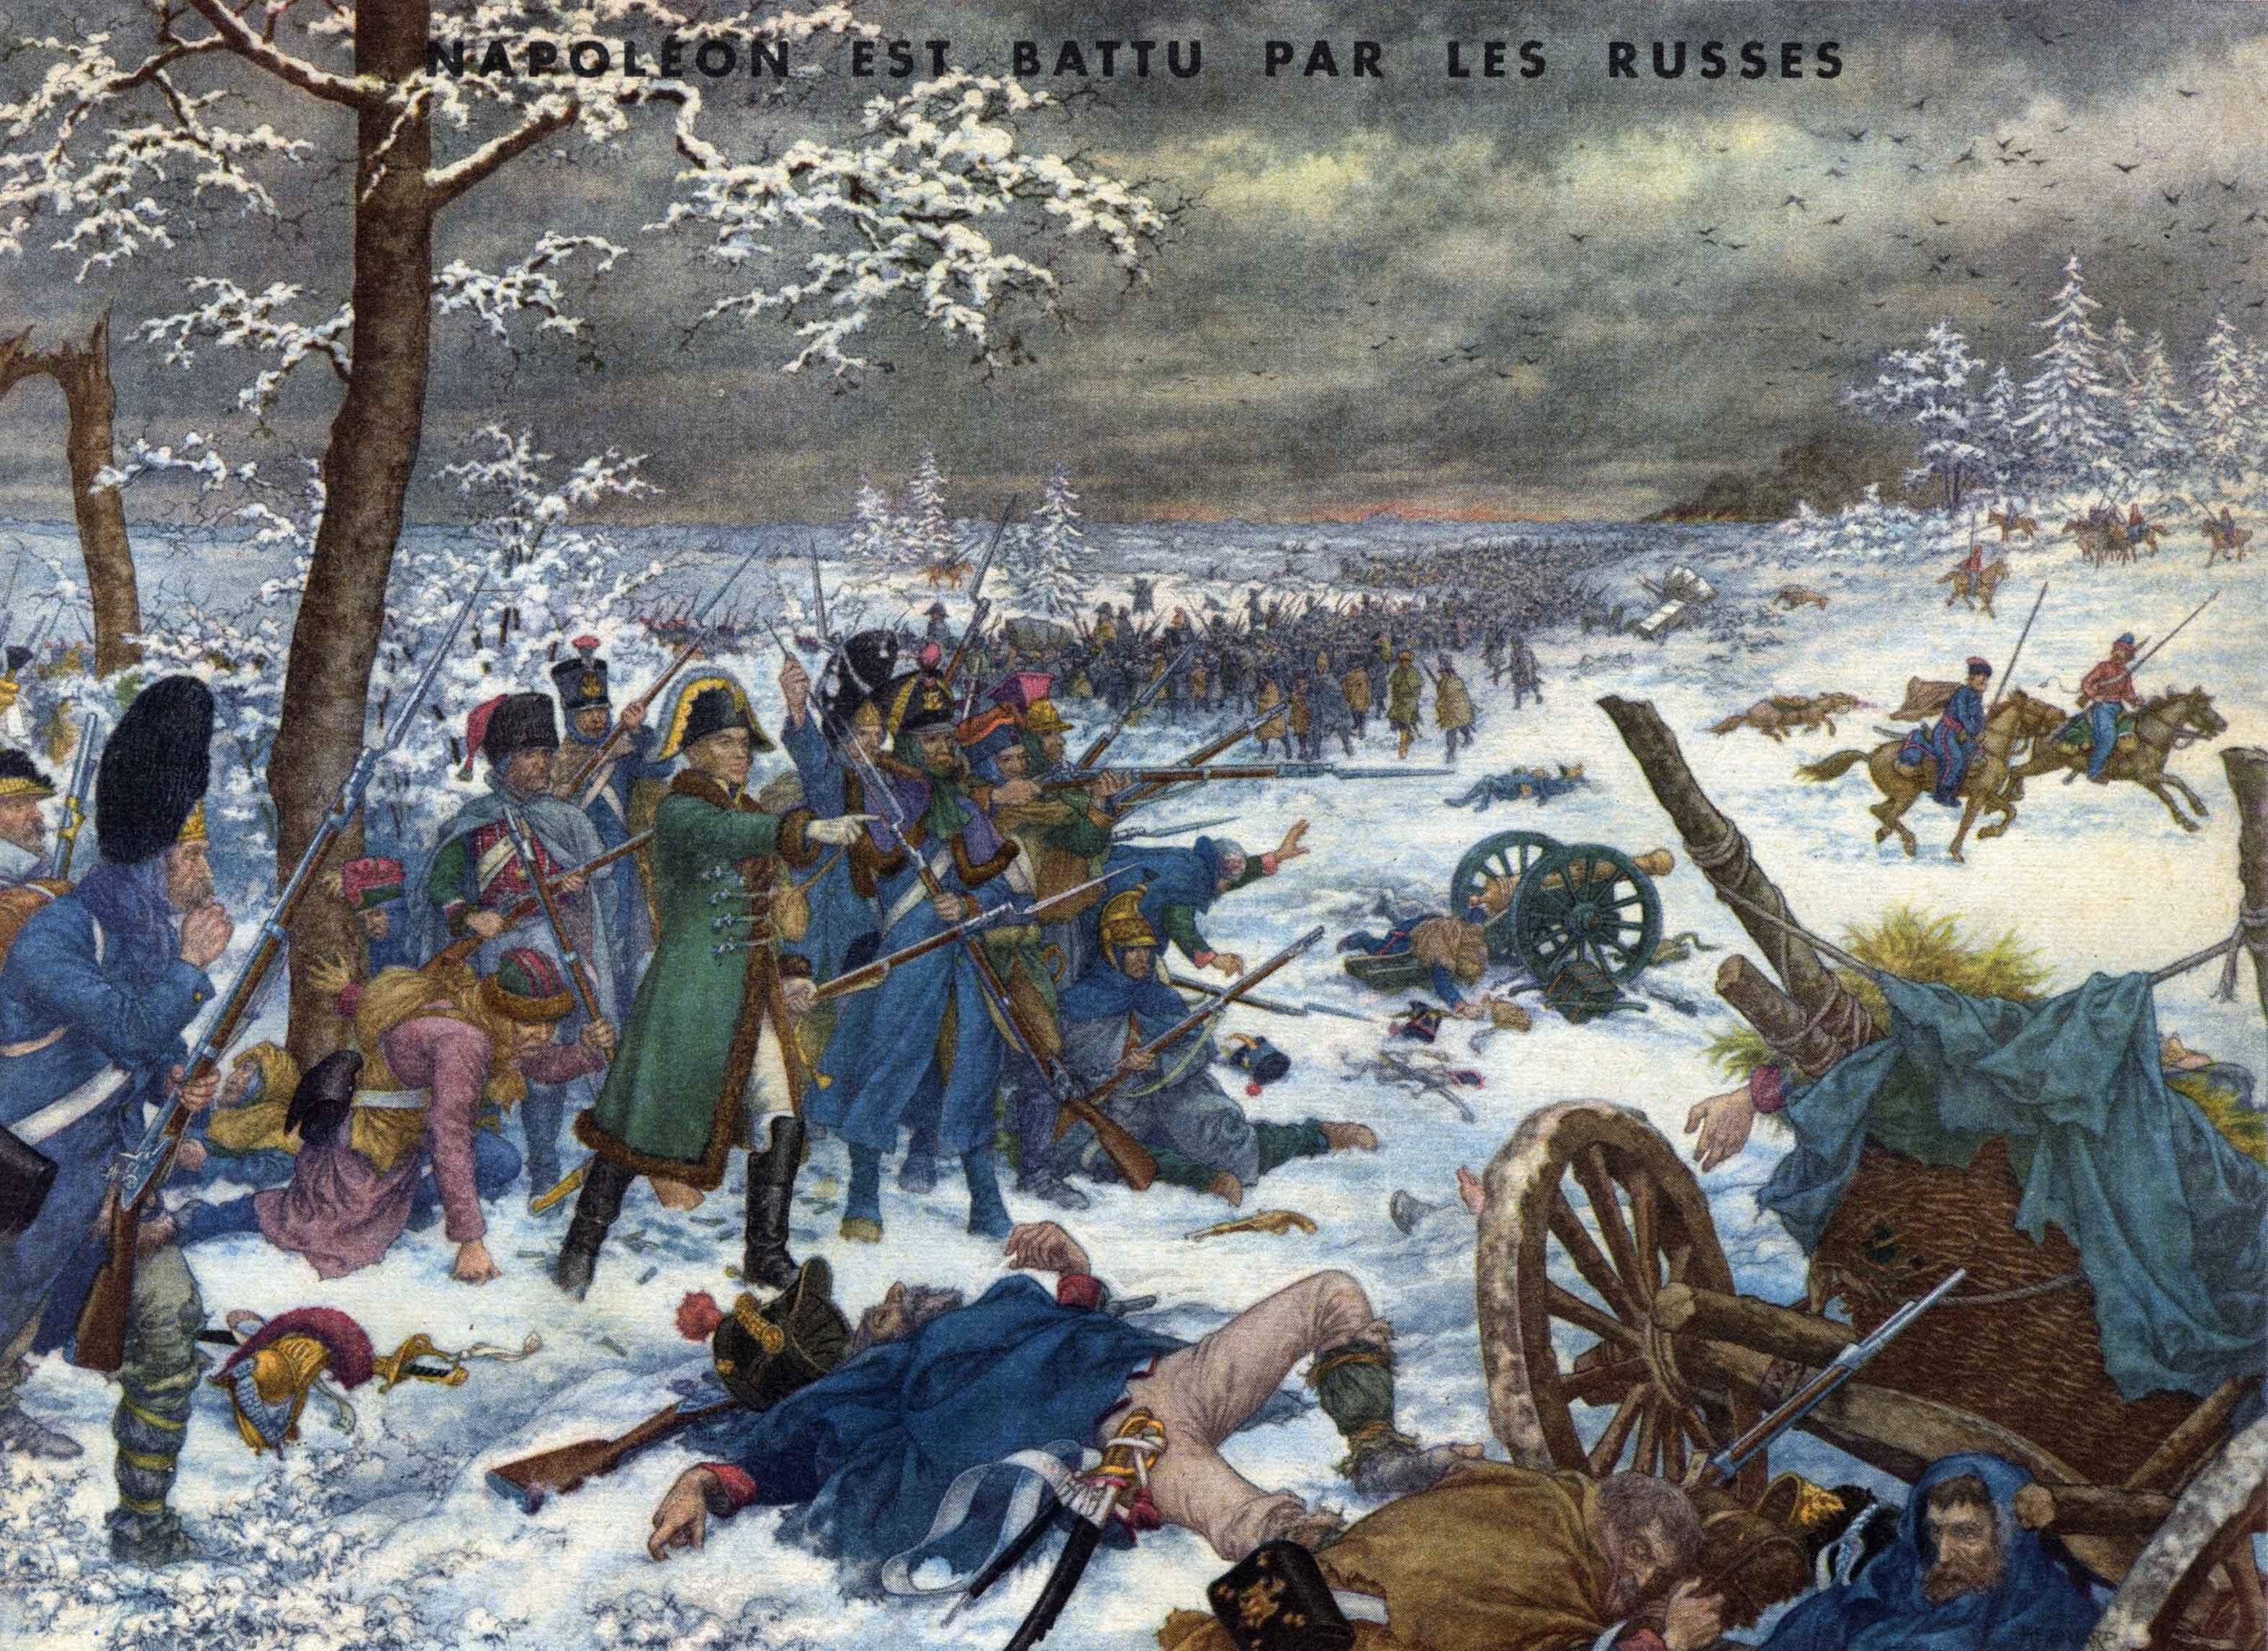 57 napoleon battu par les russes